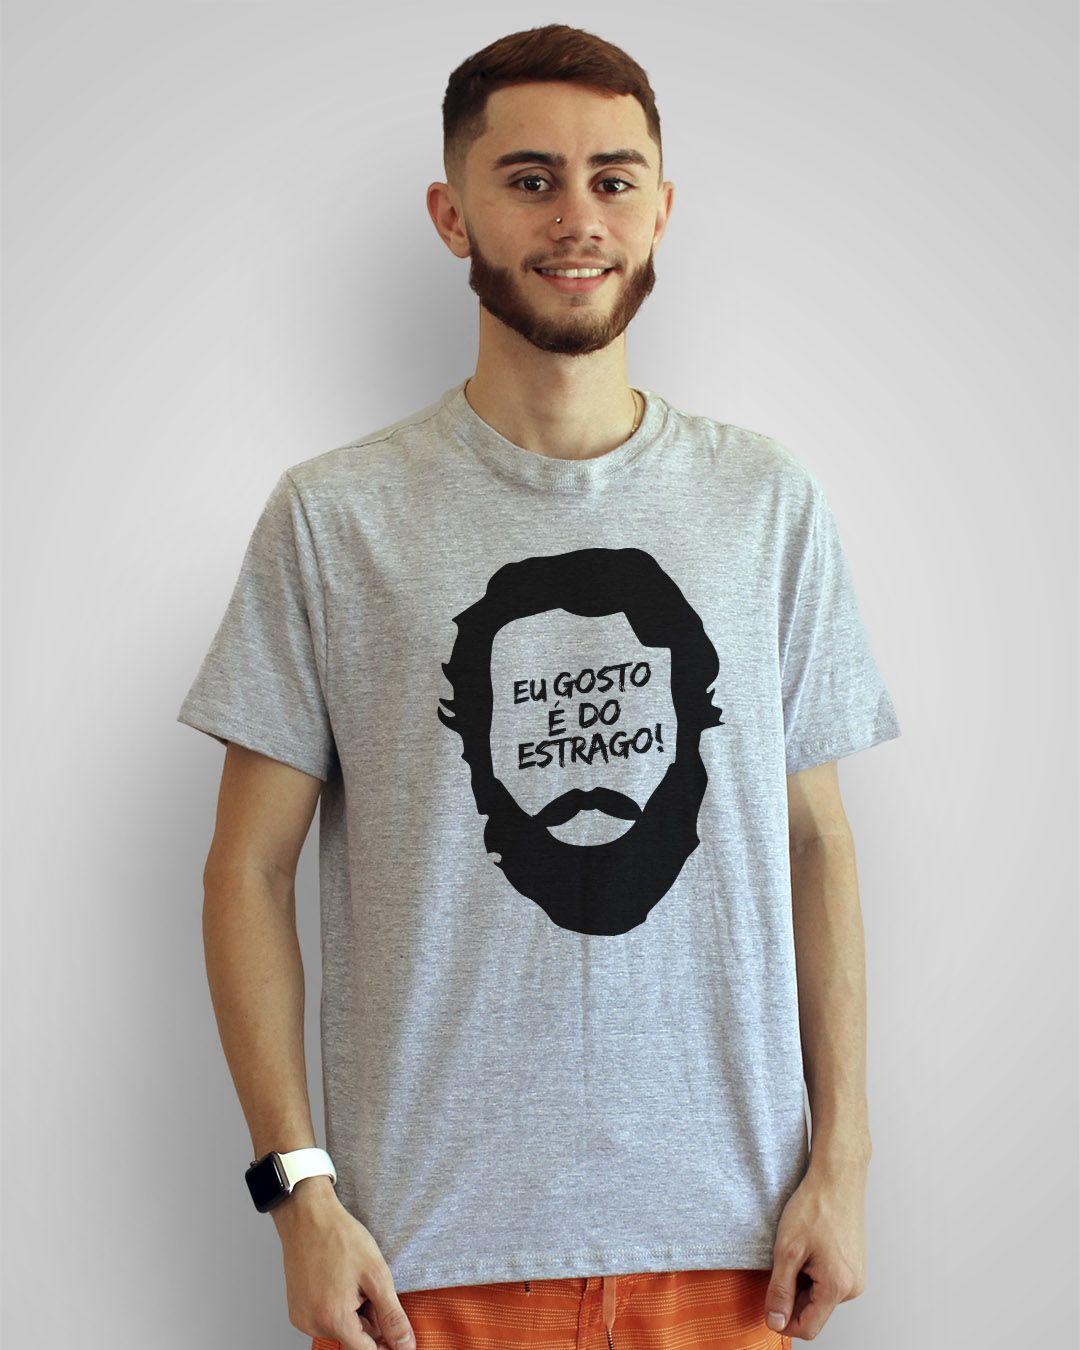 Camiseta Eu gosto é do estrago - Los Hermanos